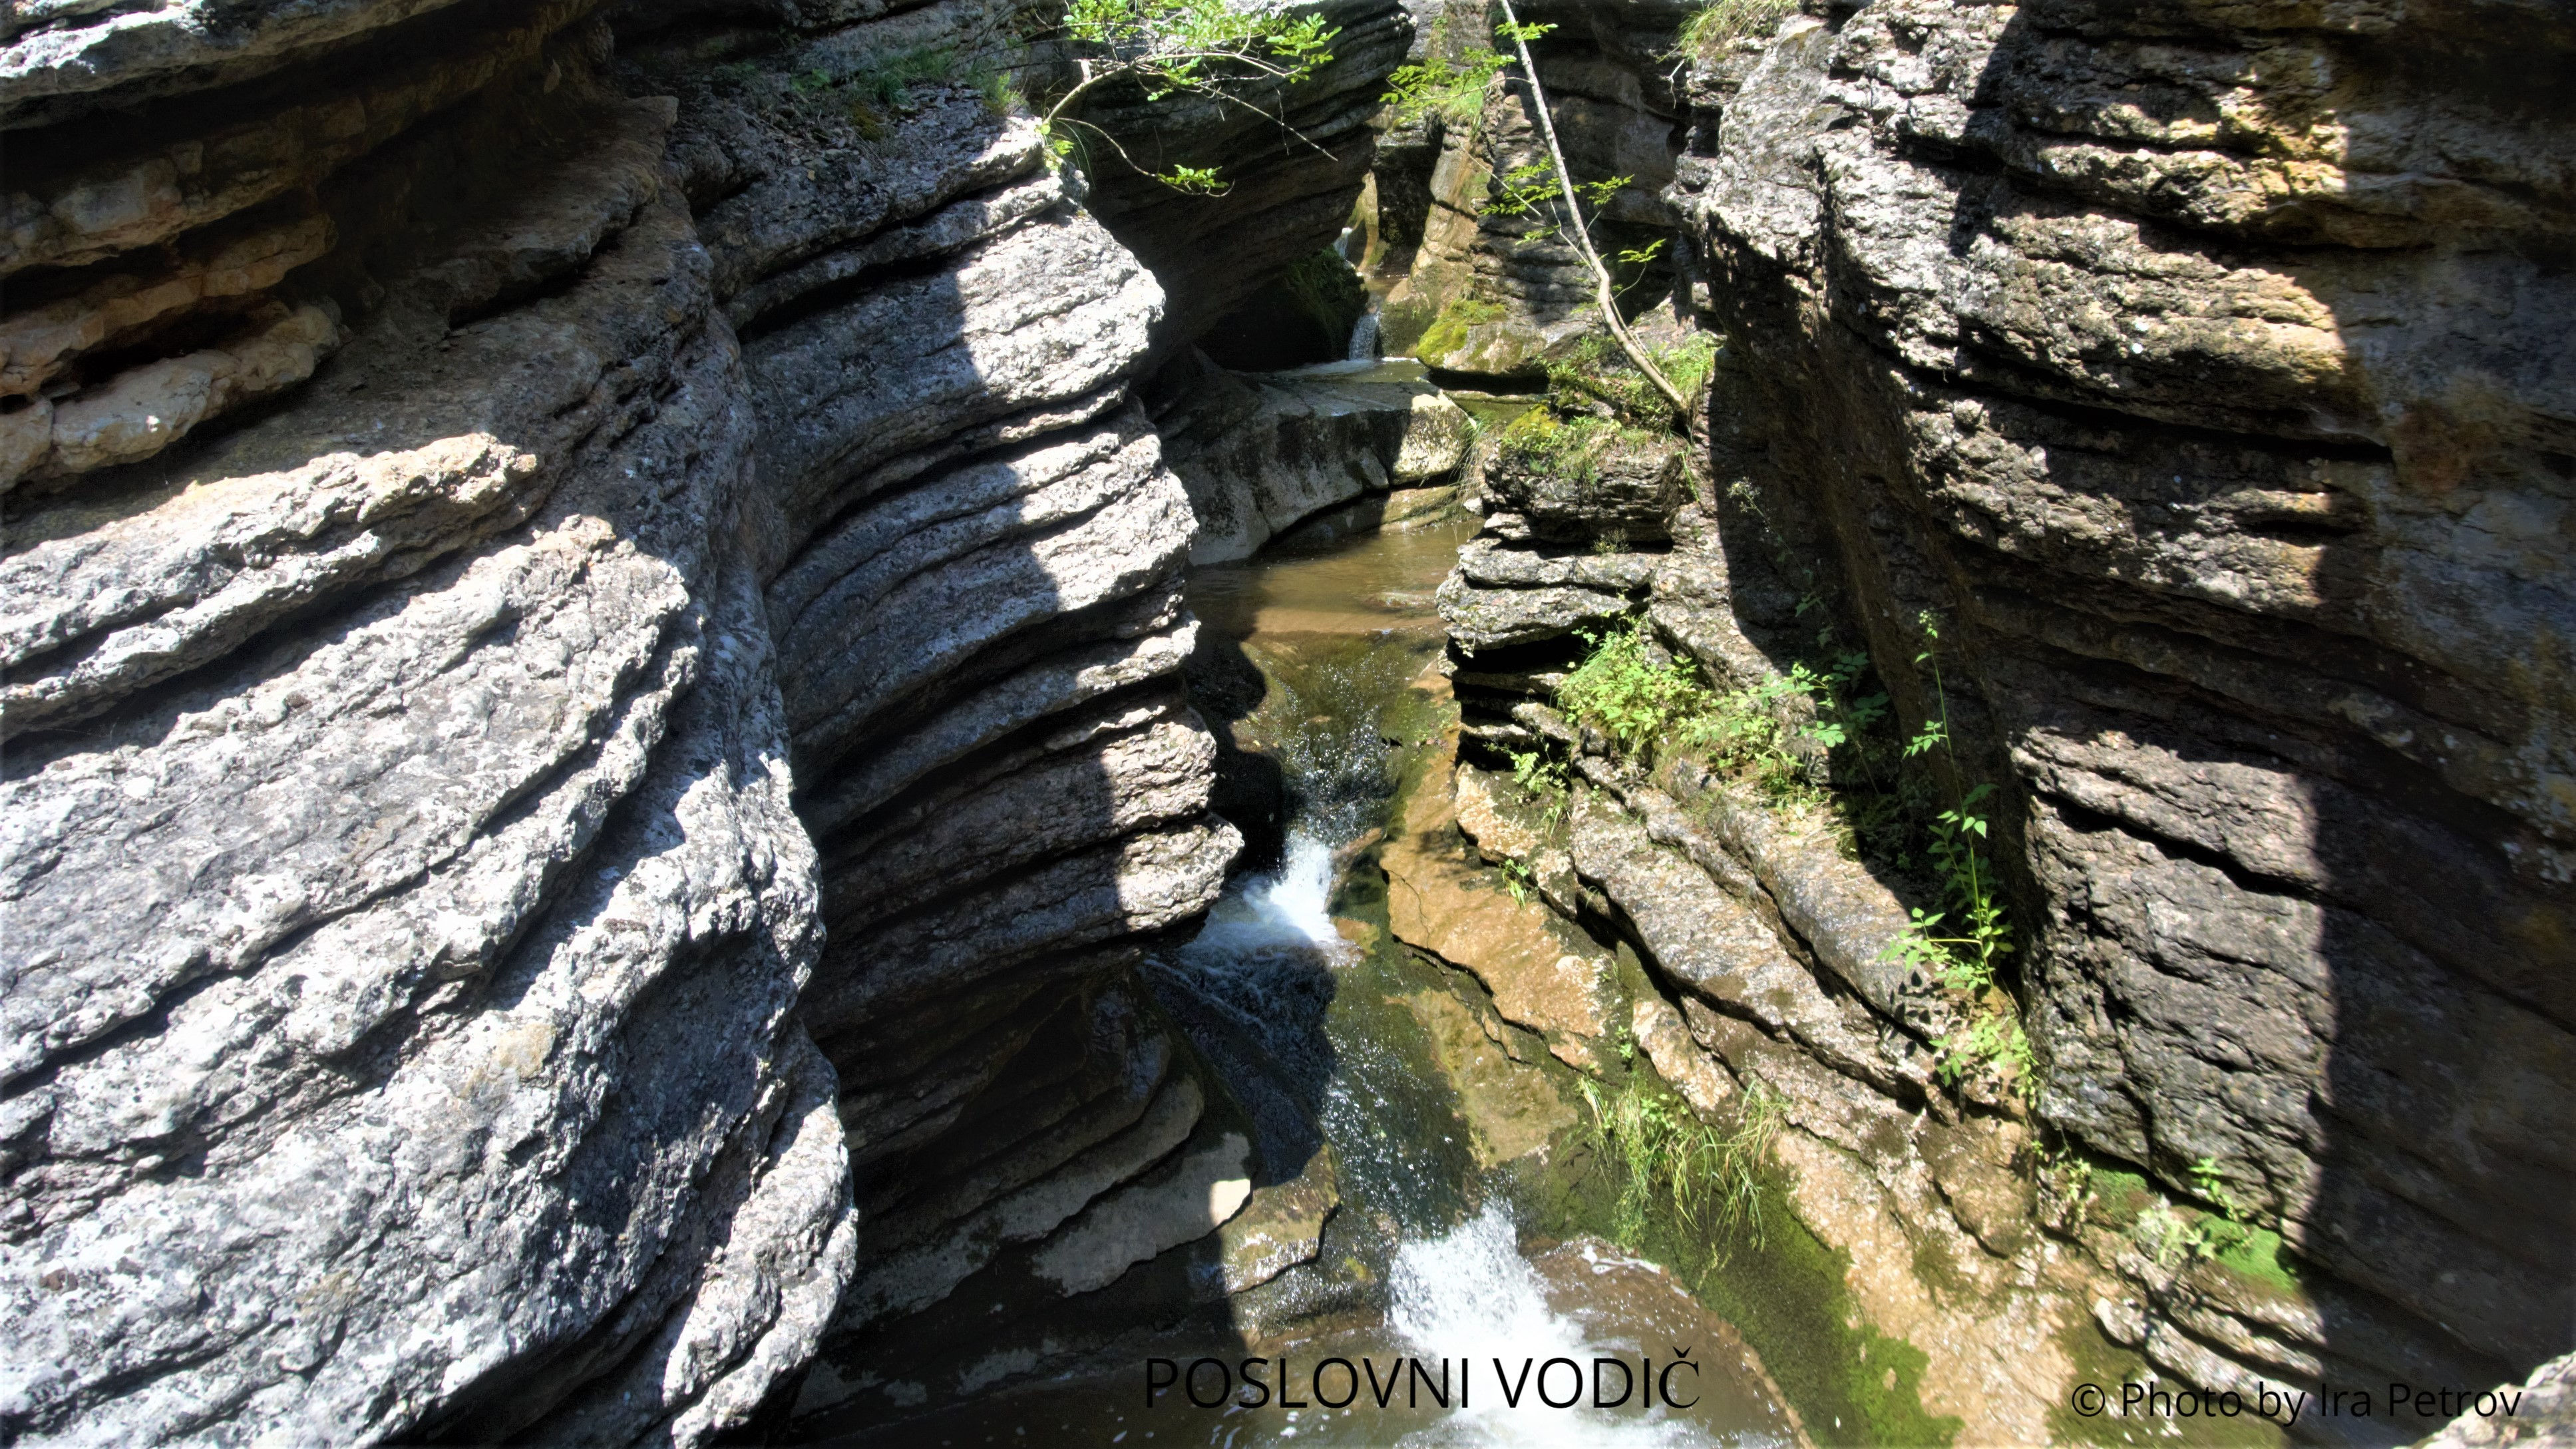 klisura_rosomacke_reke_slavinjsko_grlo_stara_planina_avgust_2019_photo_by_ira_petrov